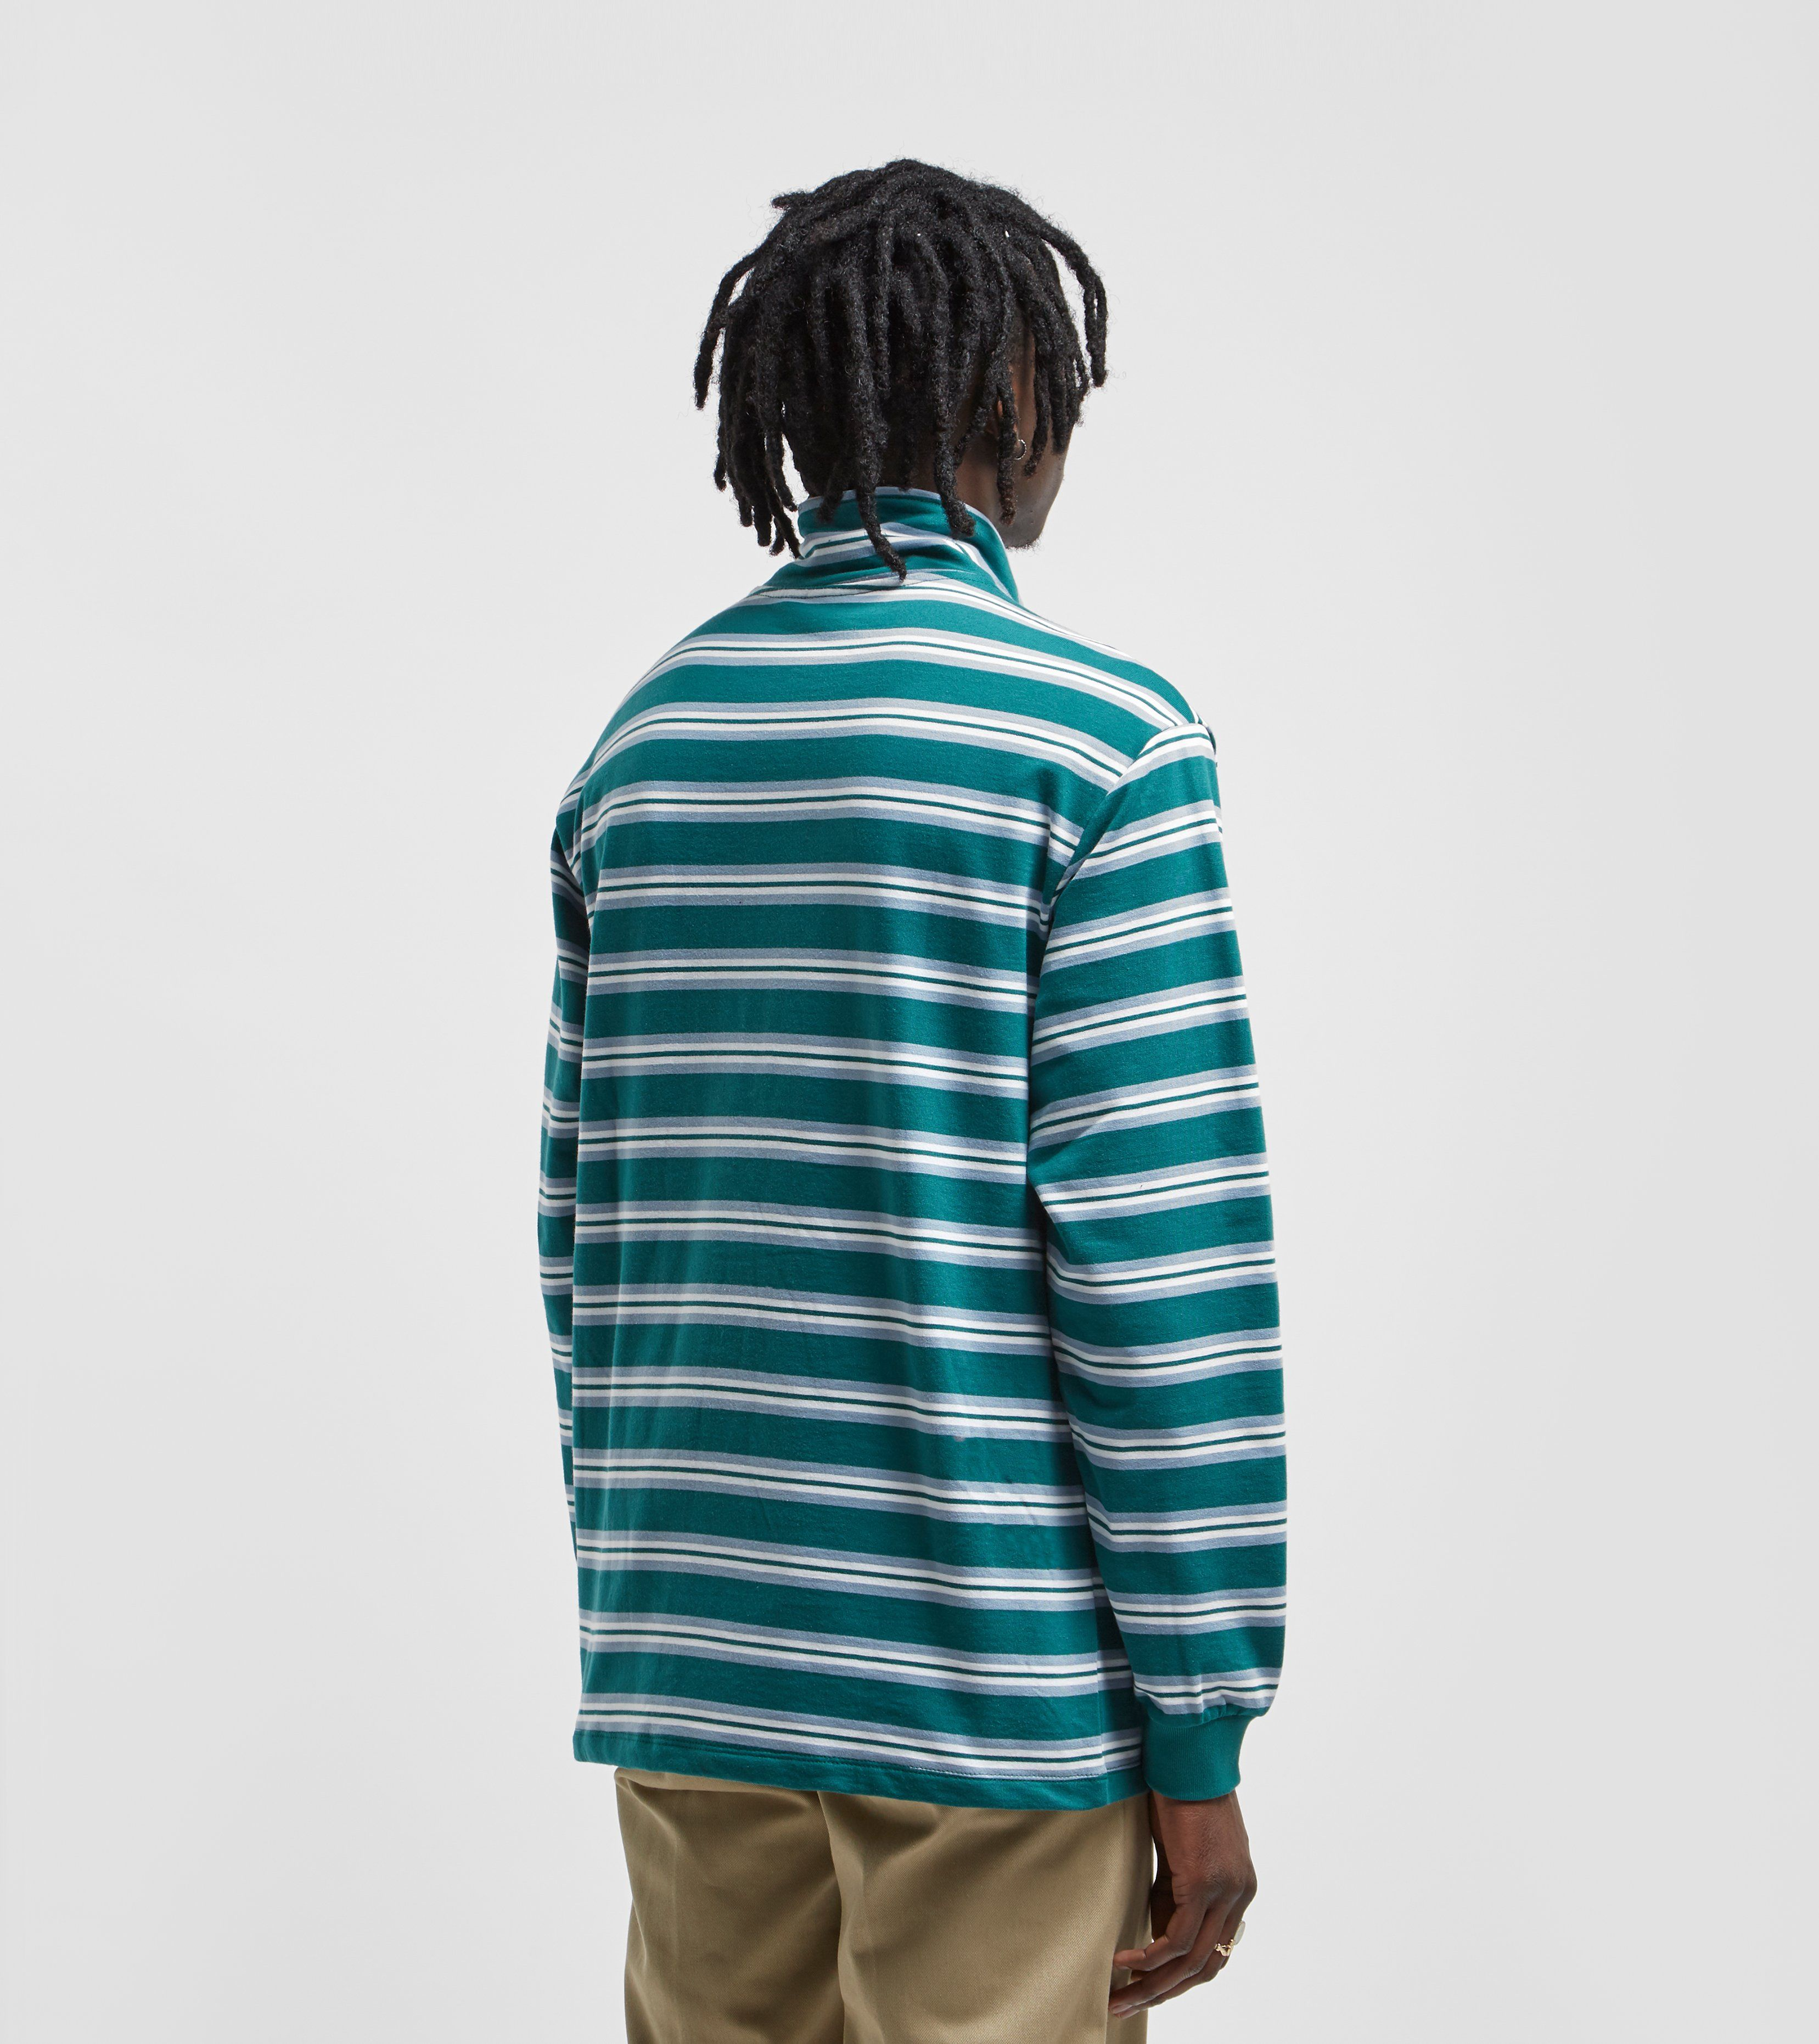 adidas Originals St. Peter Half-Zip Sweatshirt - size? Exclusive